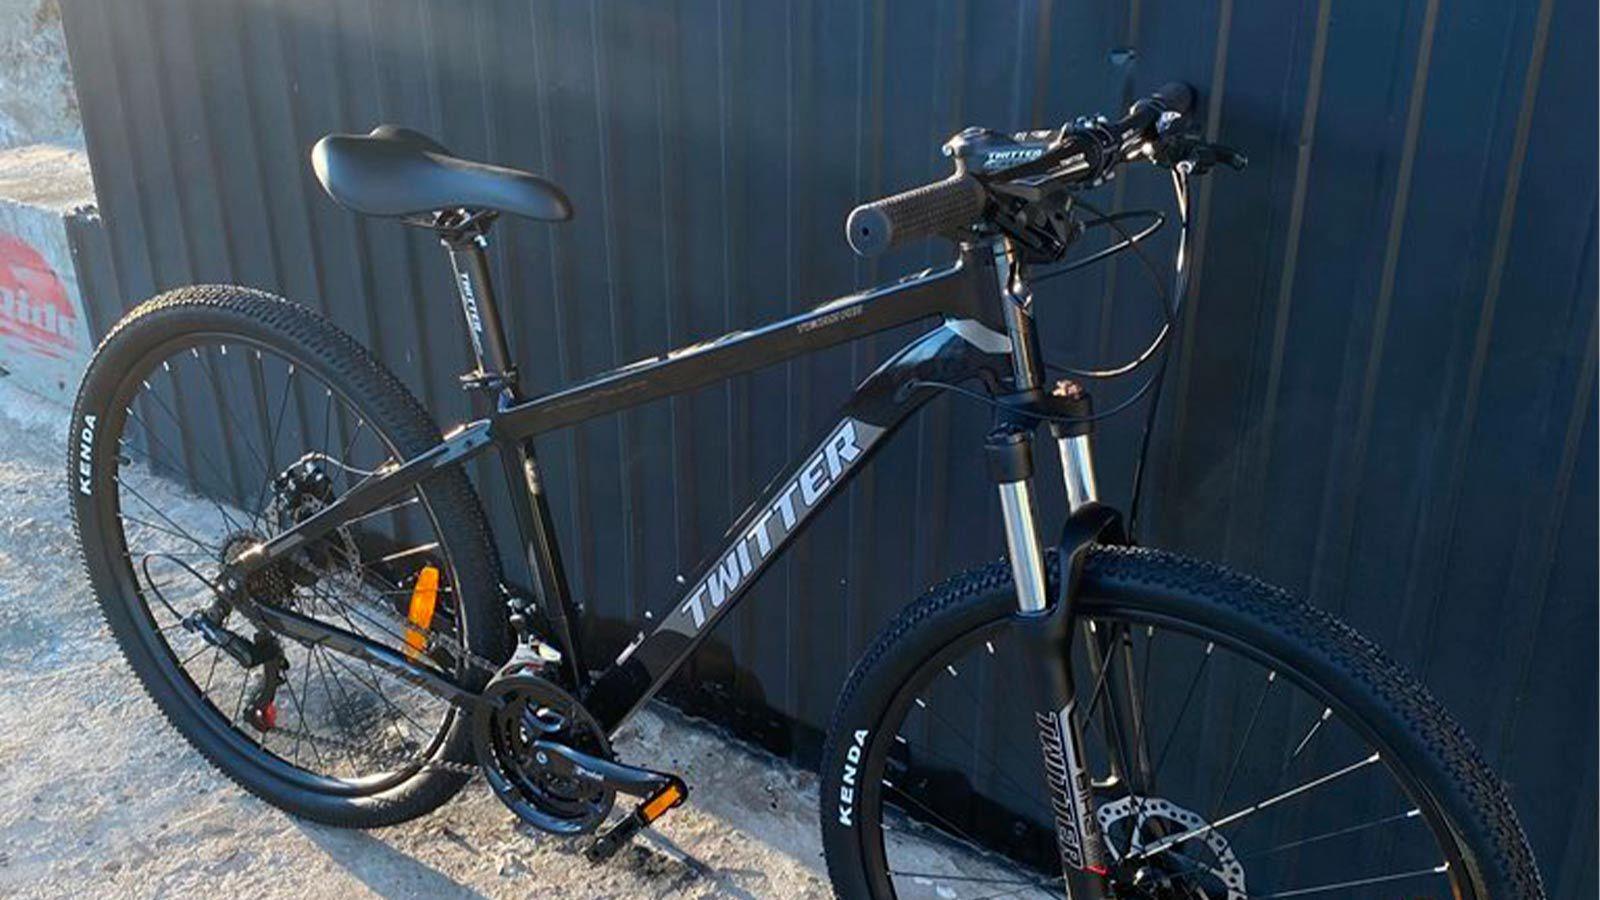 горный велосипед TWITTER TW3700, вид спереди